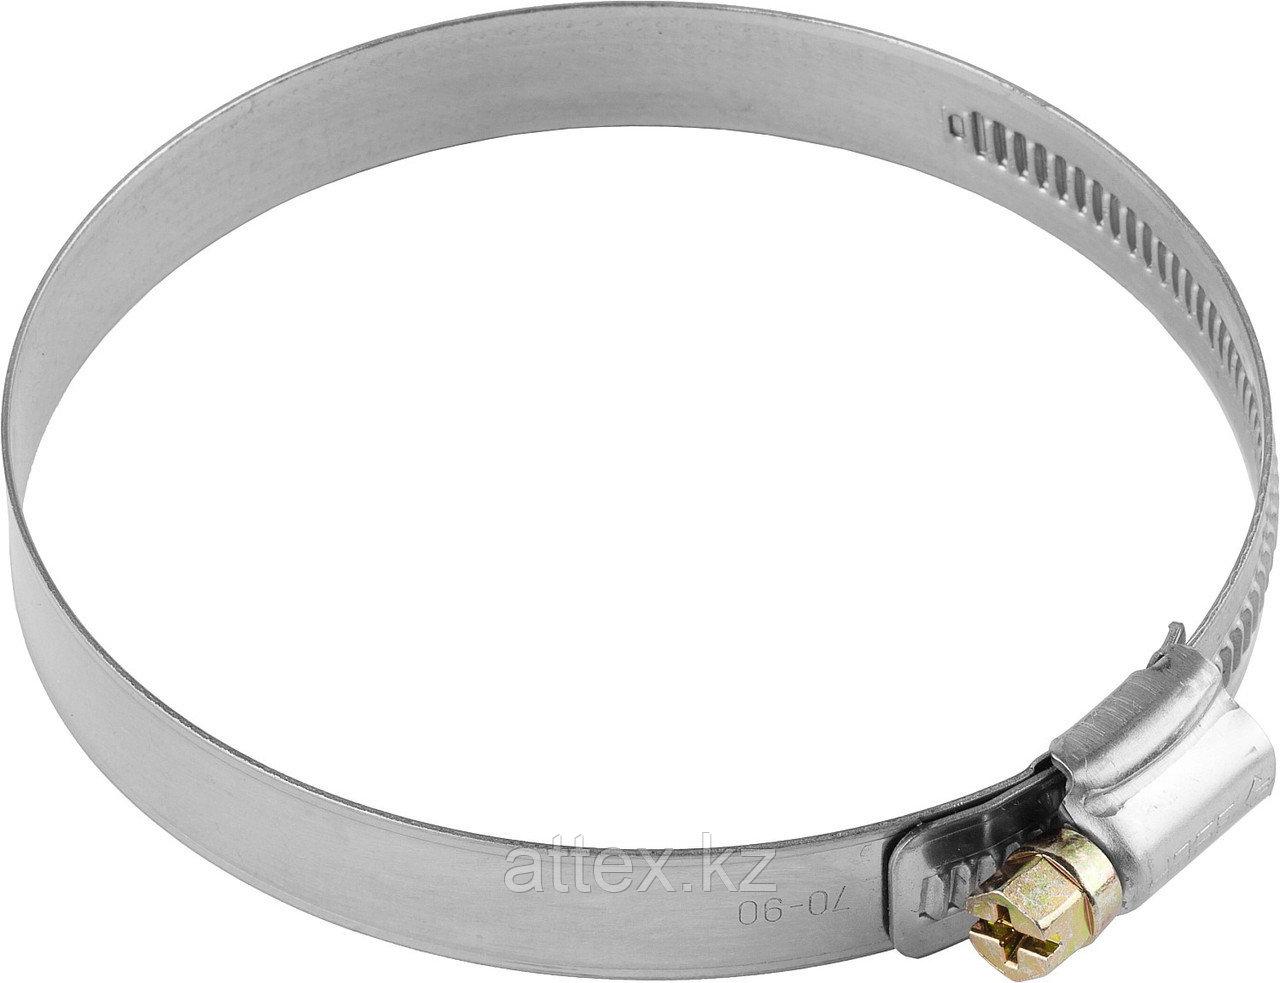 Хомуты, нерж. сталь, накатная лента 12 мм, 60-80 мм, 50 шт, ЗУБР Профессионал 37822-60-80-50